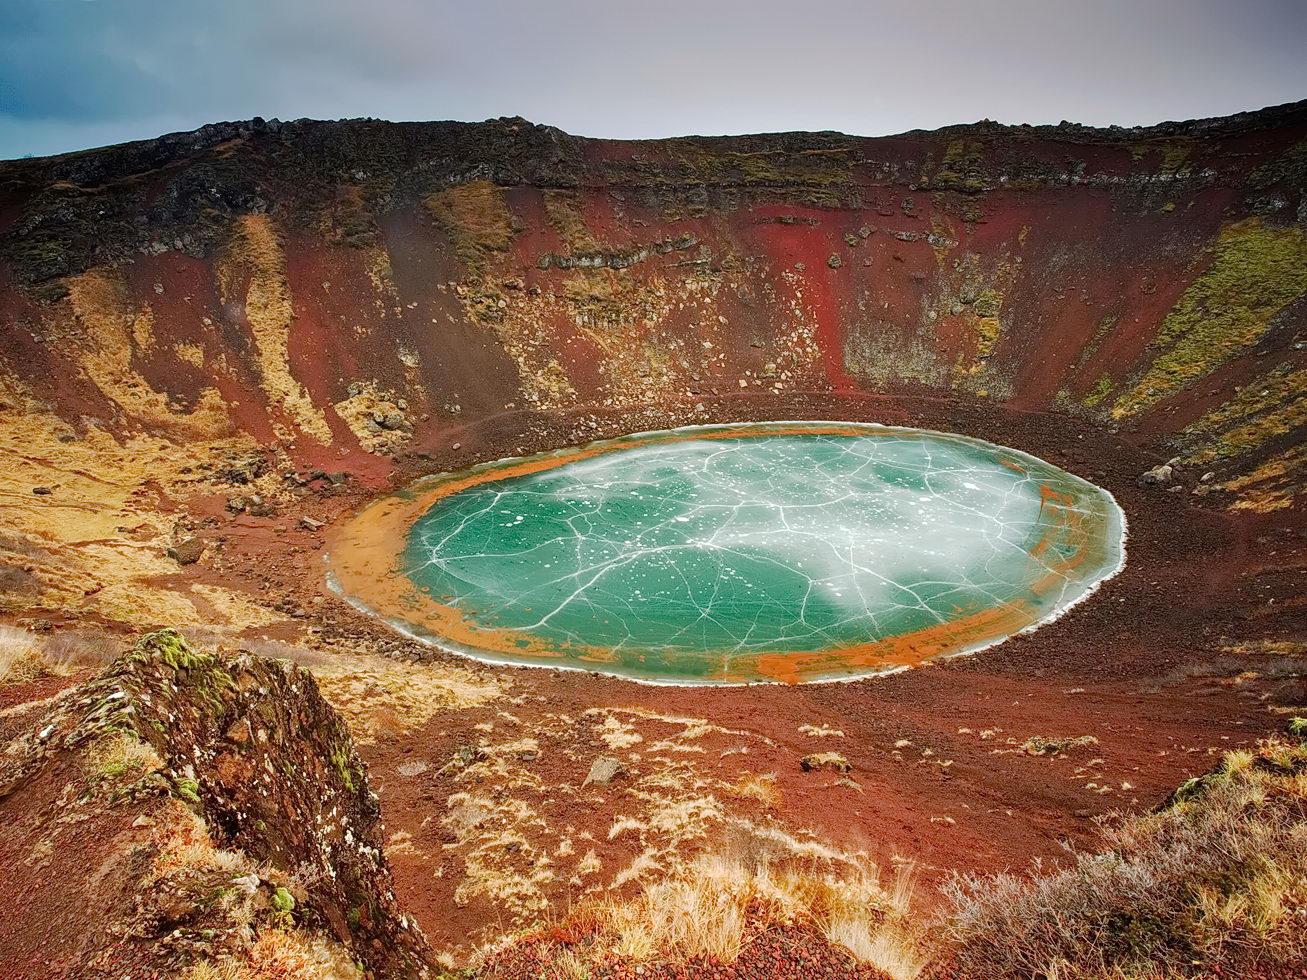 метеоритные кратеры на земле фото кажется